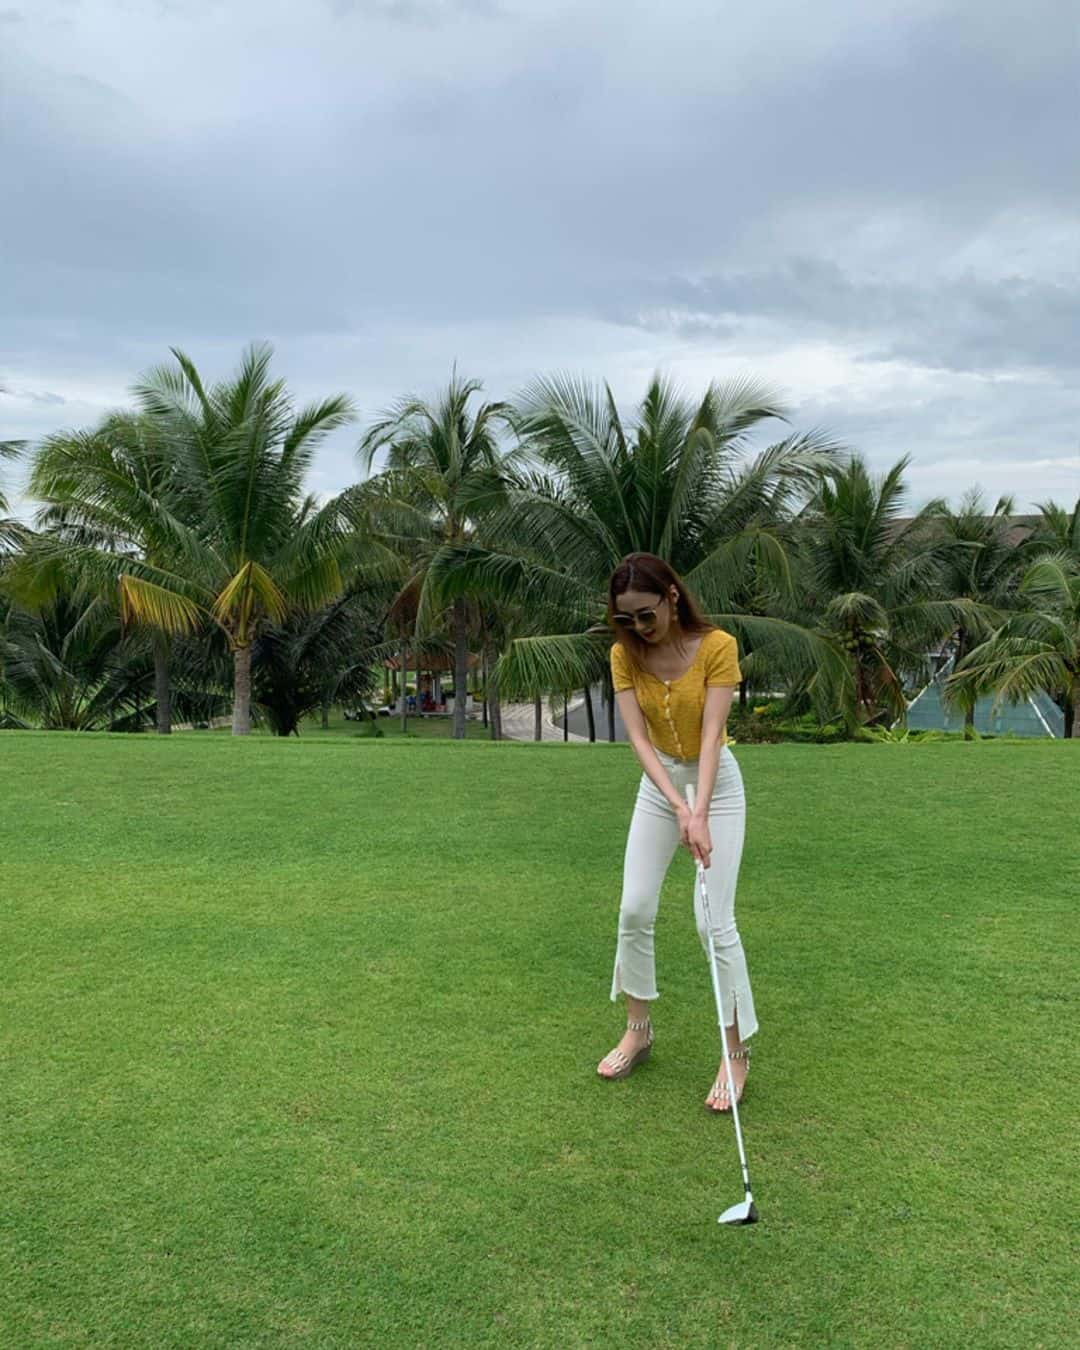 Bạn cũng có thể tham gia đánh golf tại đây. Hình: Instagram @_jina_jeong